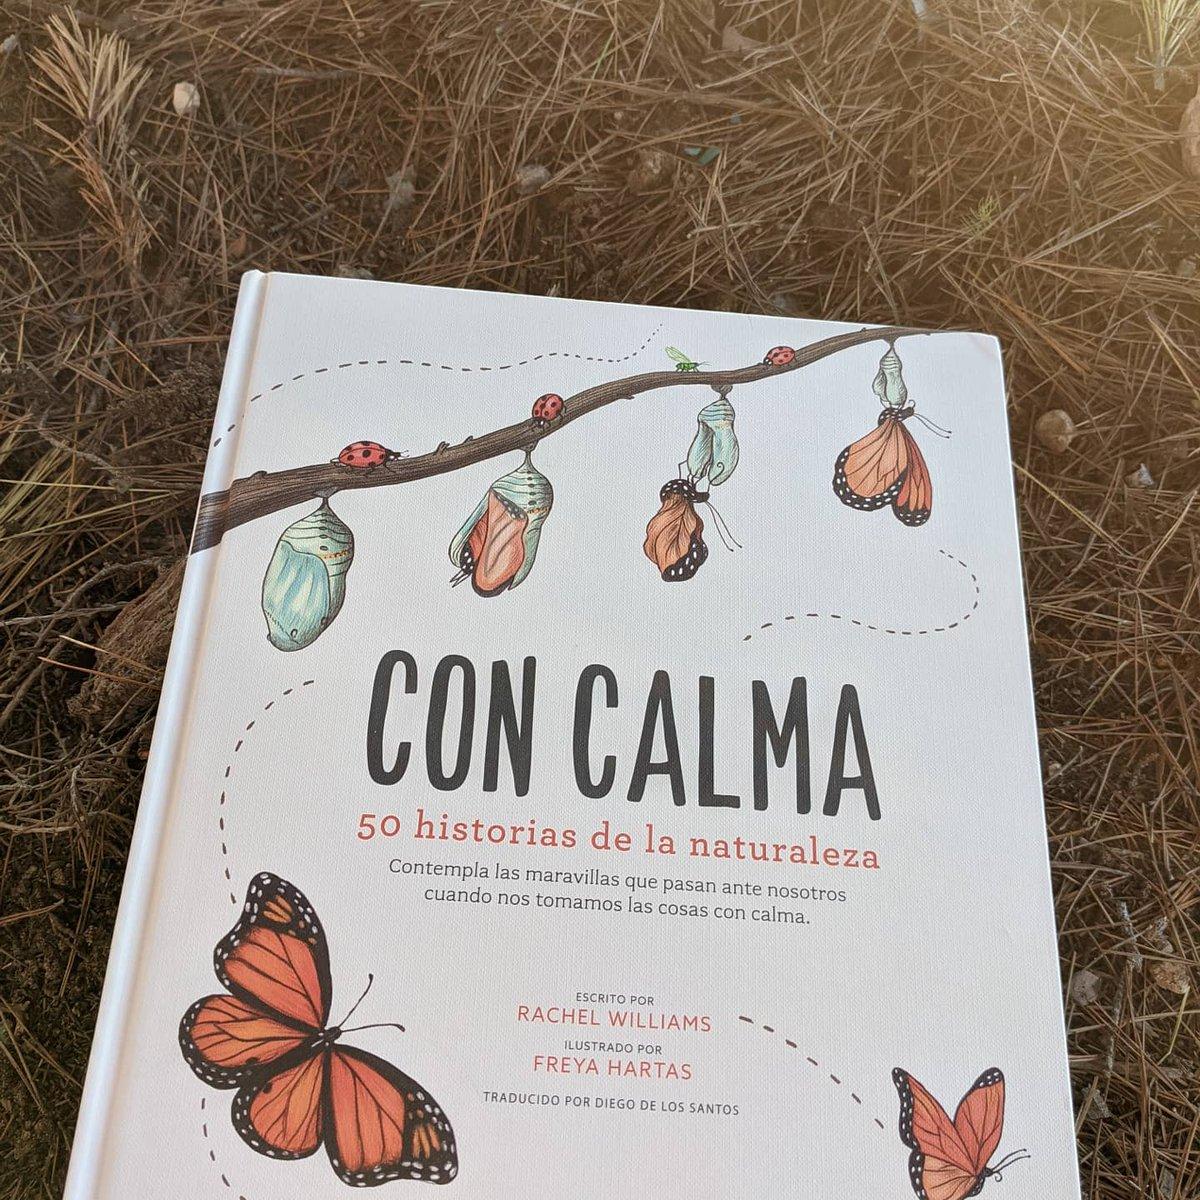 #hoyleemos #concalma de @EdFlamboyant un libro precioso con 50 historias sobre la #naturaleza, para leer con calma y observar con calma...🥰🦋🦋🦋⏬  #libros #LibrosRecomendados #librosinfantiles #lecturas